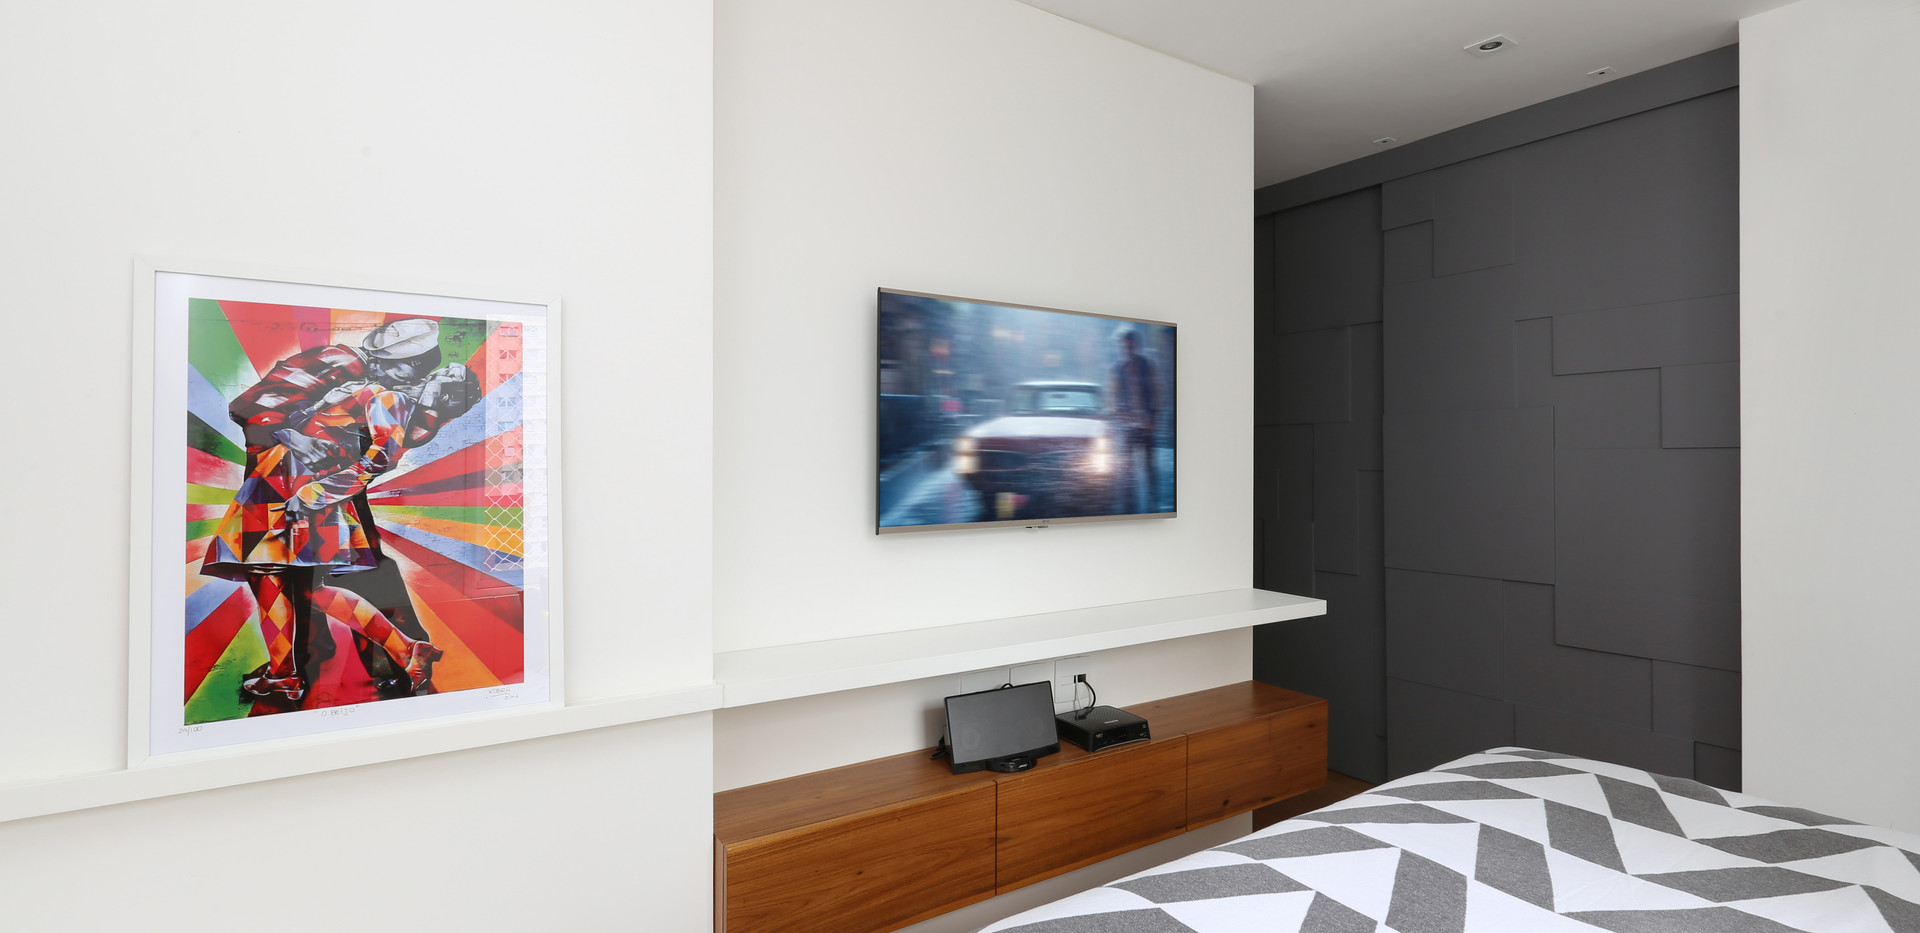 06 - Suite Casal - Foto 02.jpg